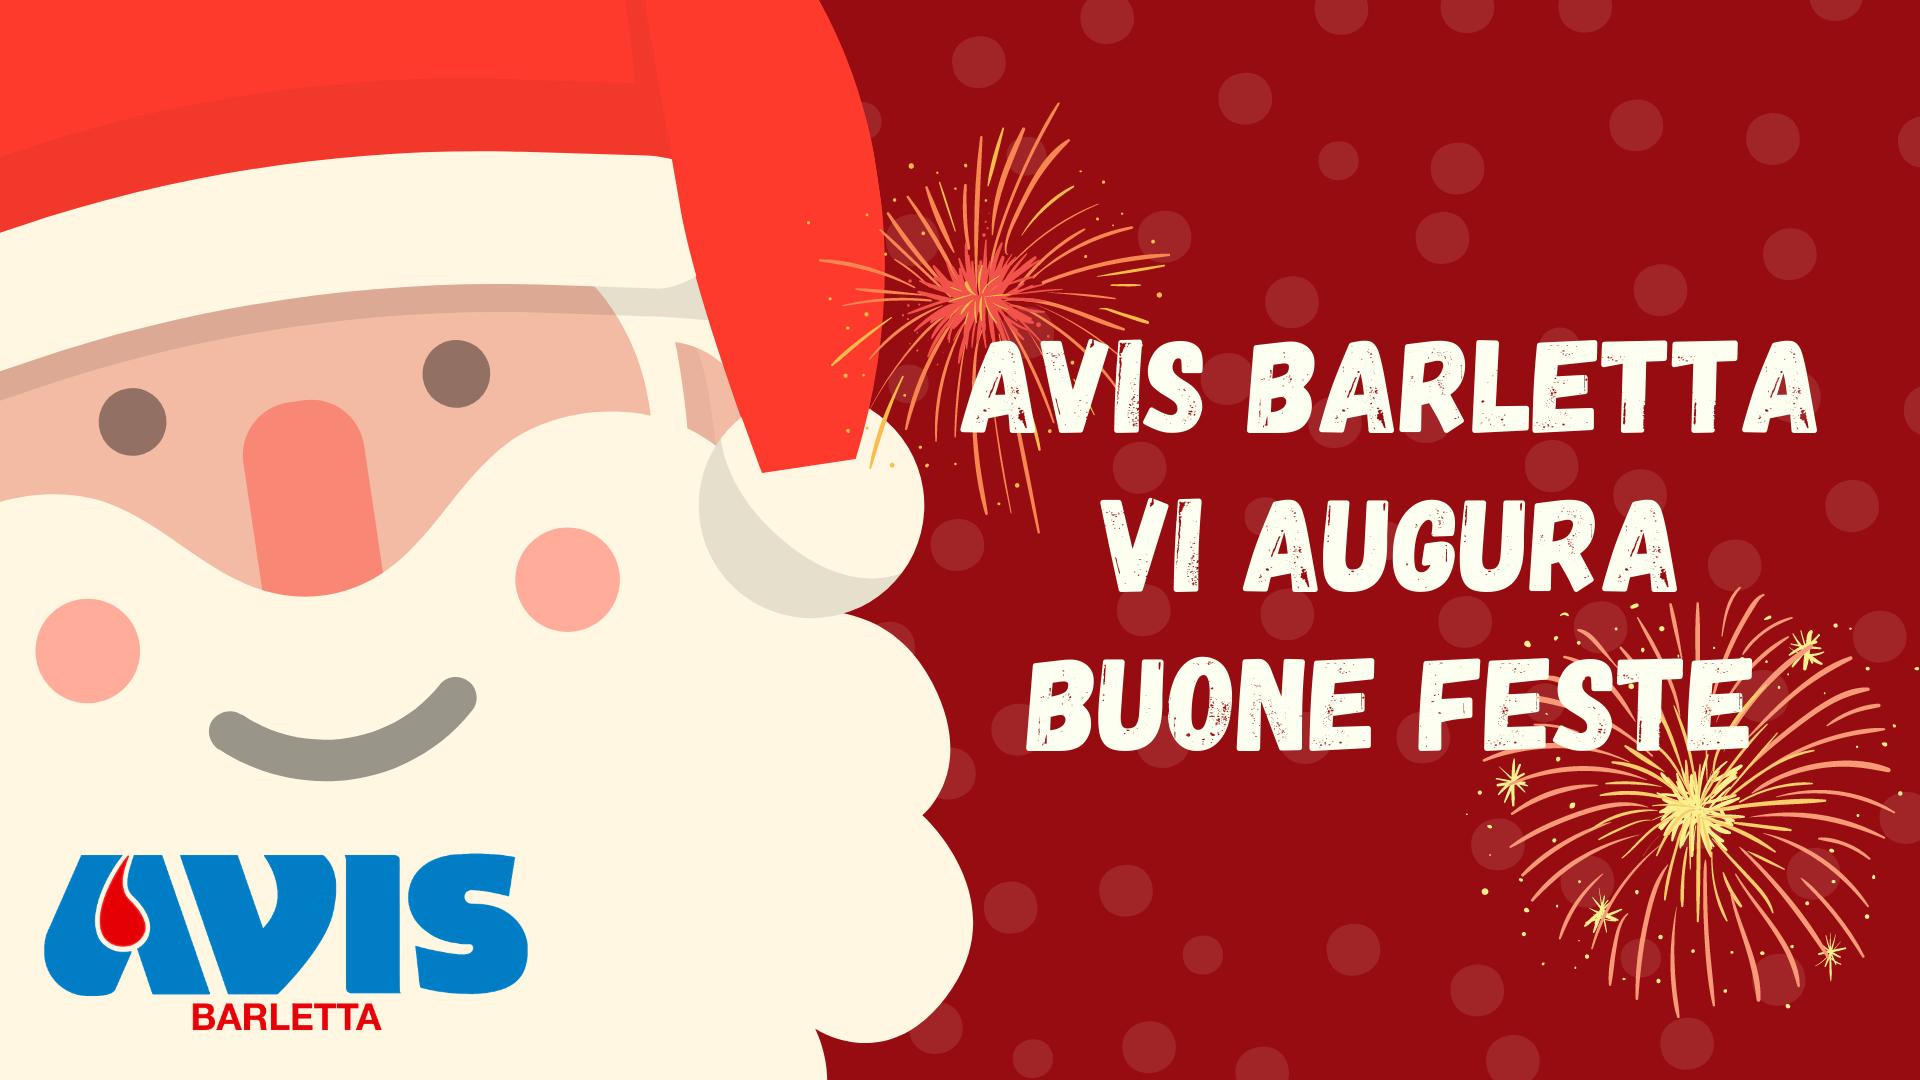 http://www.avisbarletta.it/wp-content/uploads/2020/12/Buone-feste-1.png